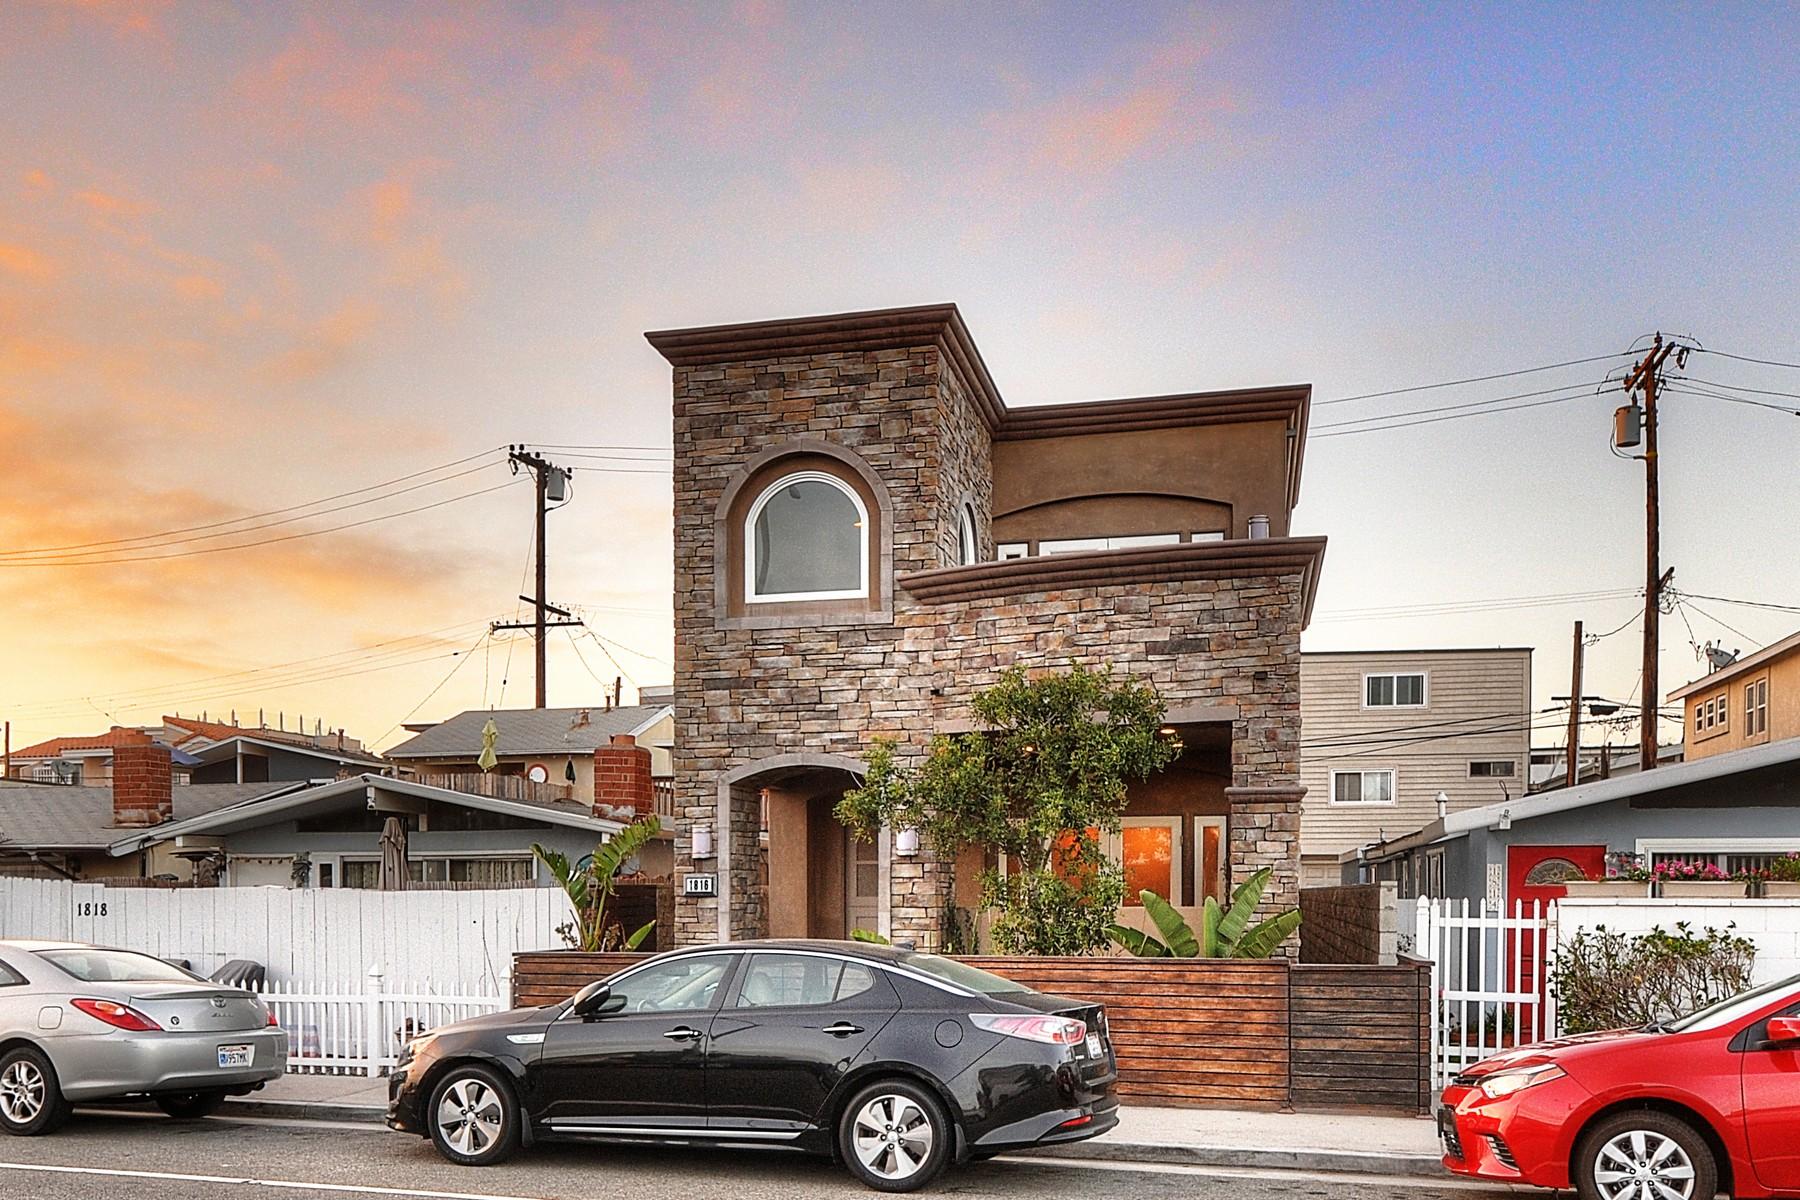 Einfamilienhaus für Verkauf beim 1816 W. Balboa Blvd. Newport Beach, Kalifornien, 92663 Vereinigte Staaten